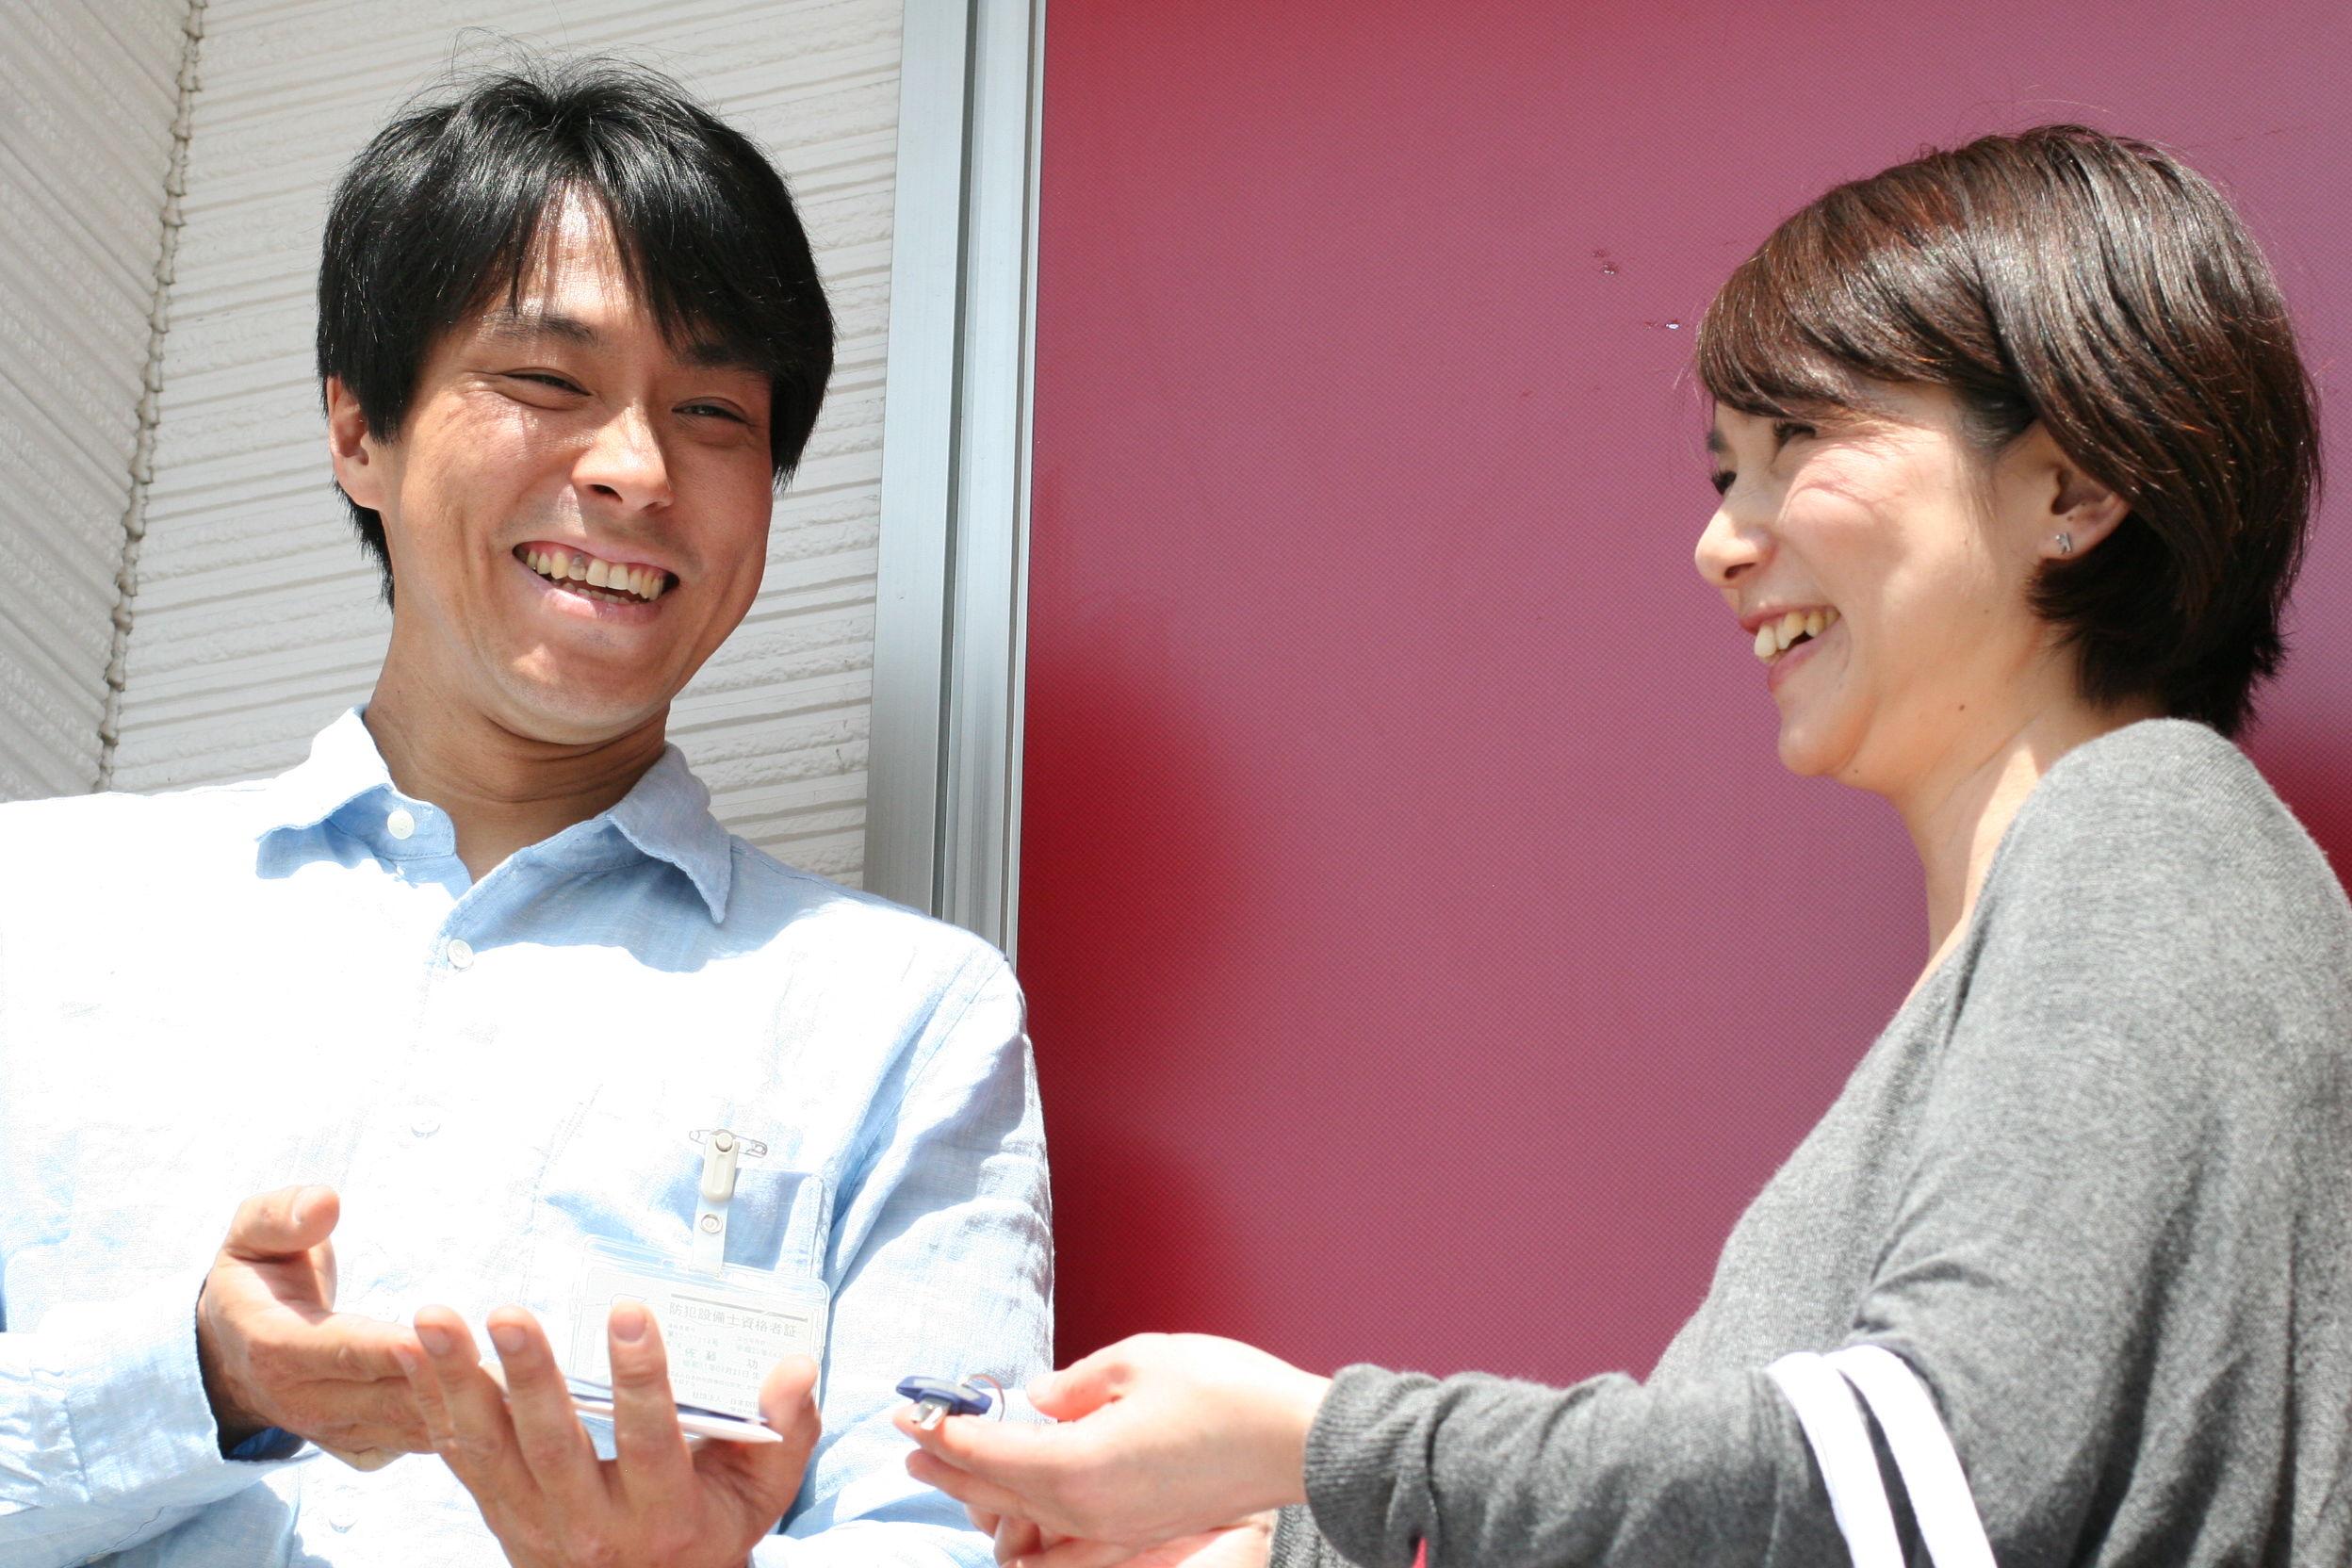 鍵のトラブル救急車【広島市東区 出張エリア】のメイン画像